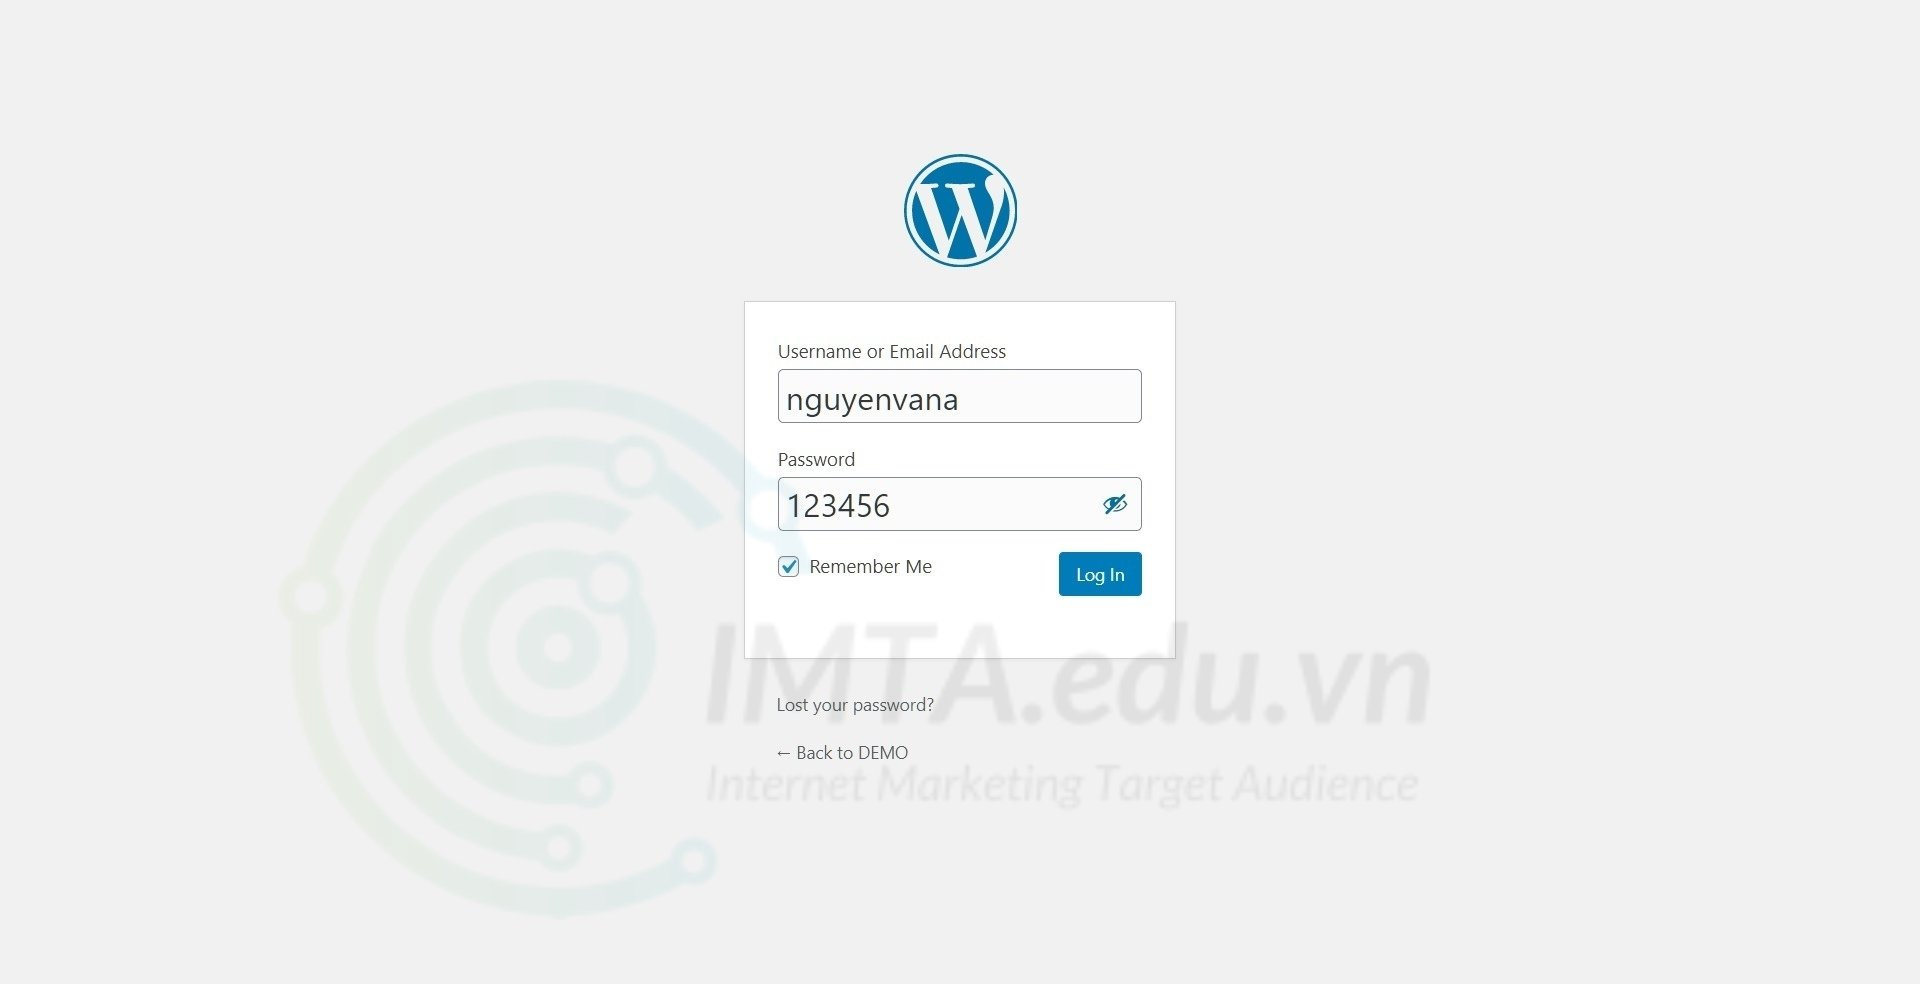 Điền thông tin đăng nhập website